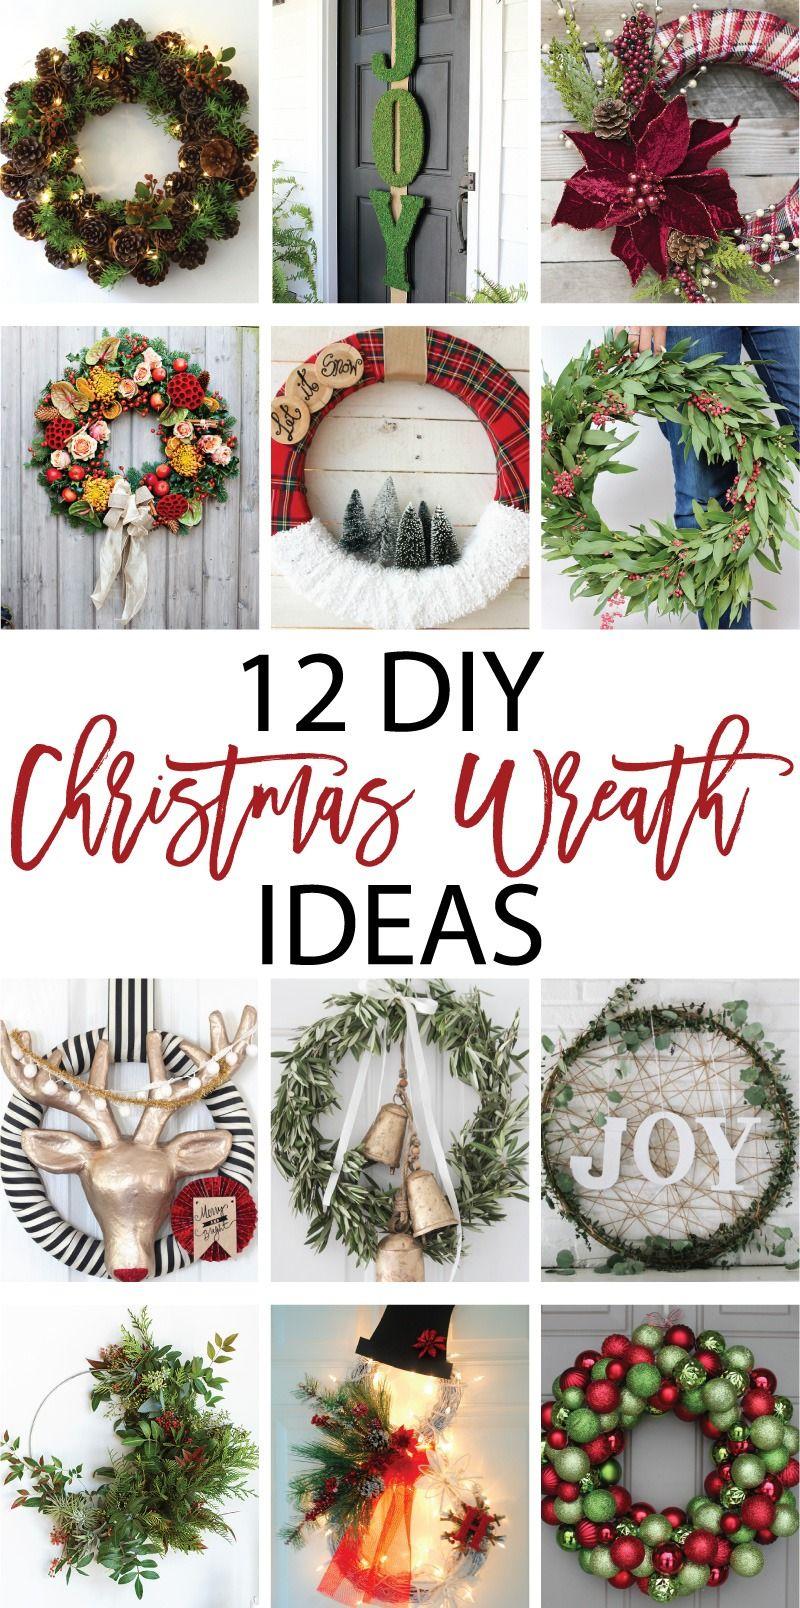 The Best 12 DIY Christmas Wreath Ideas on | A DIY Christmas ...